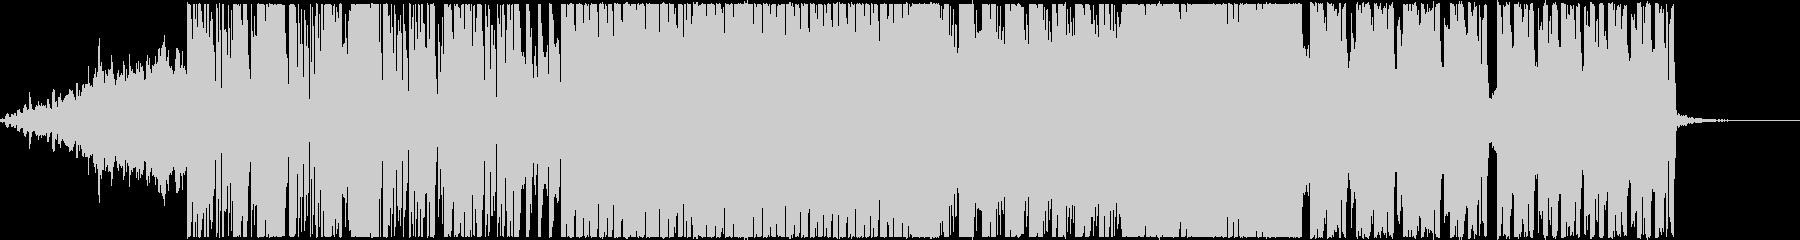 エレクトロなクラブ系ダンストラックEDMの未再生の波形